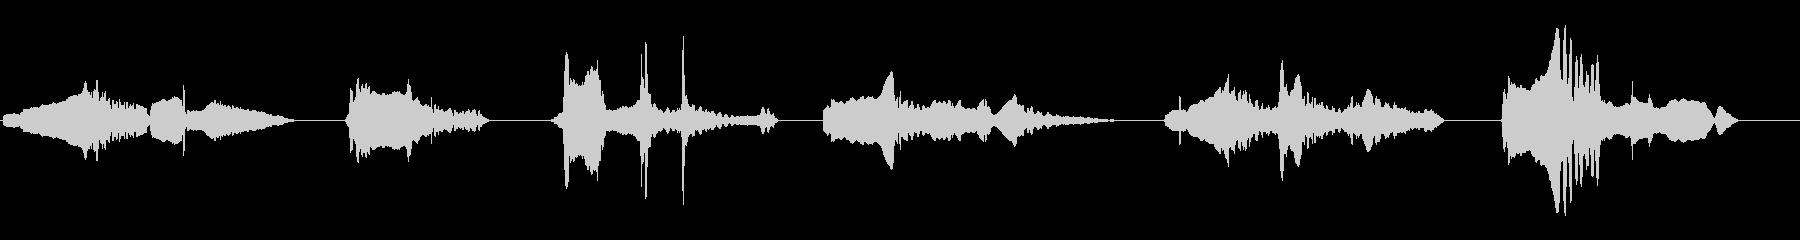 尺八の独奏 生演奏 和風のシーンなど 6の未再生の波形